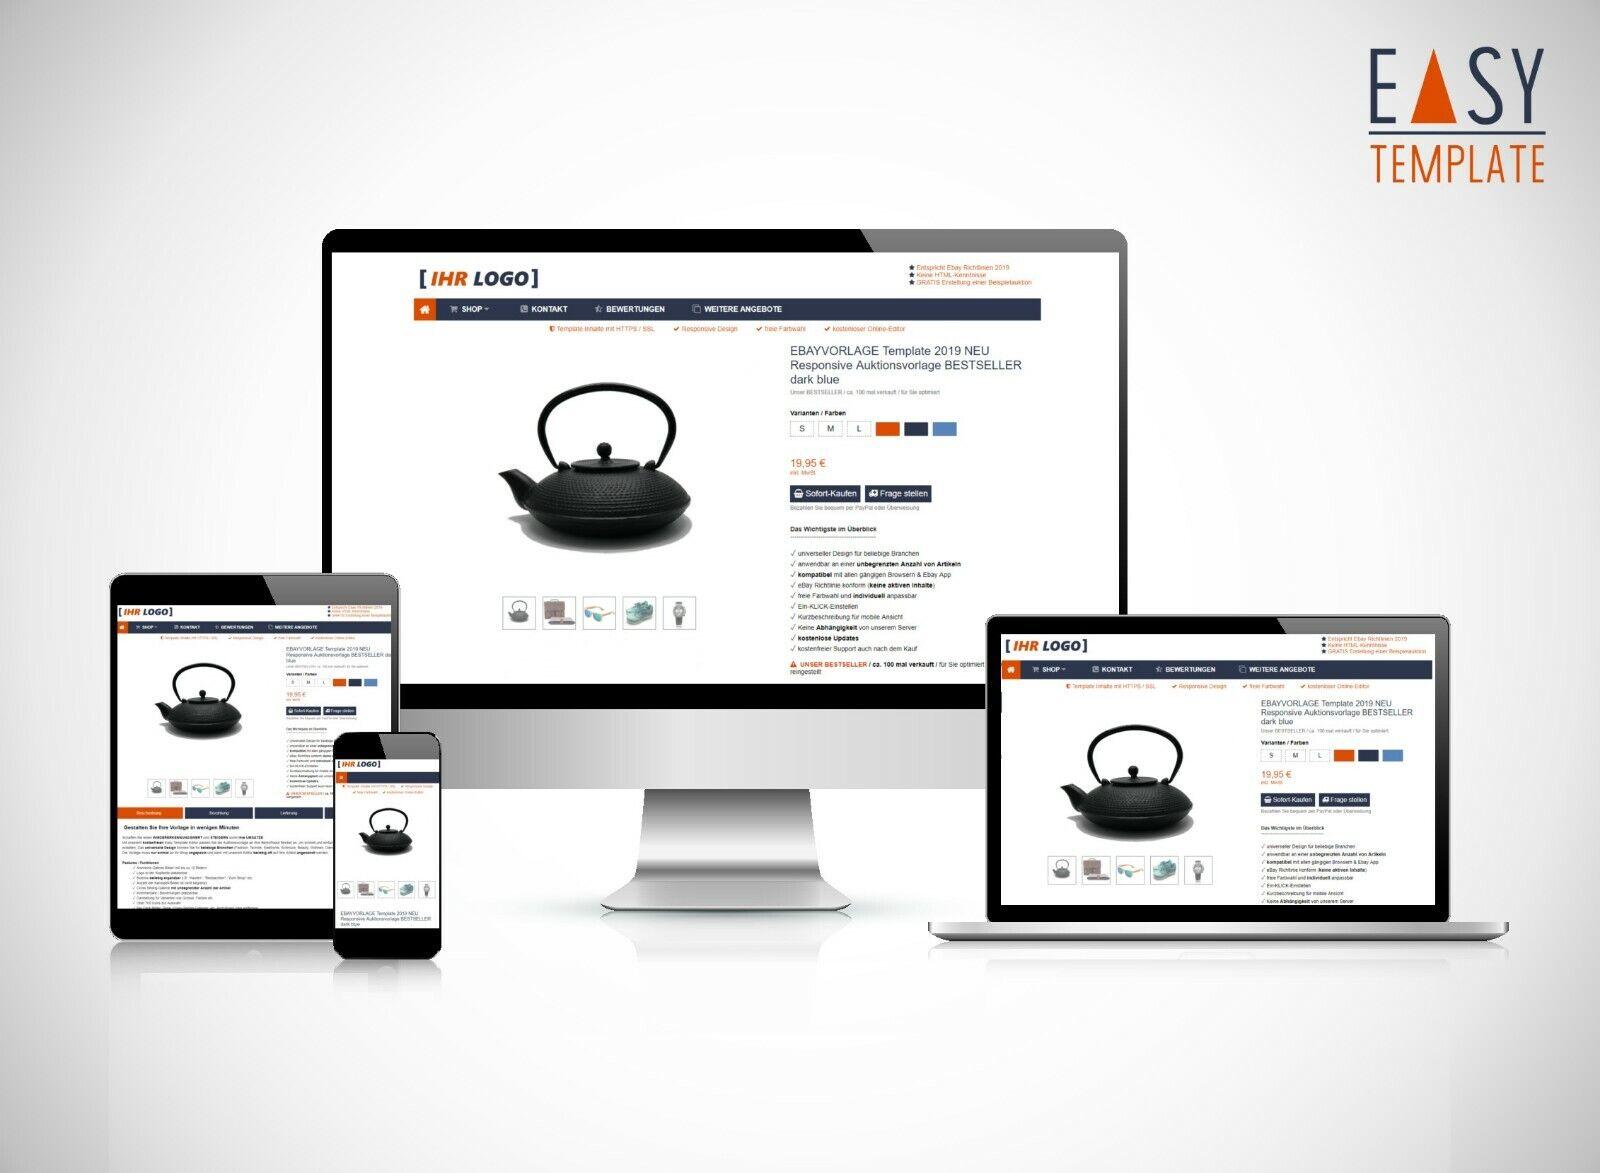 free Editor vorlage 2019 Verkaufsvorlage Responsive Template Design Orange